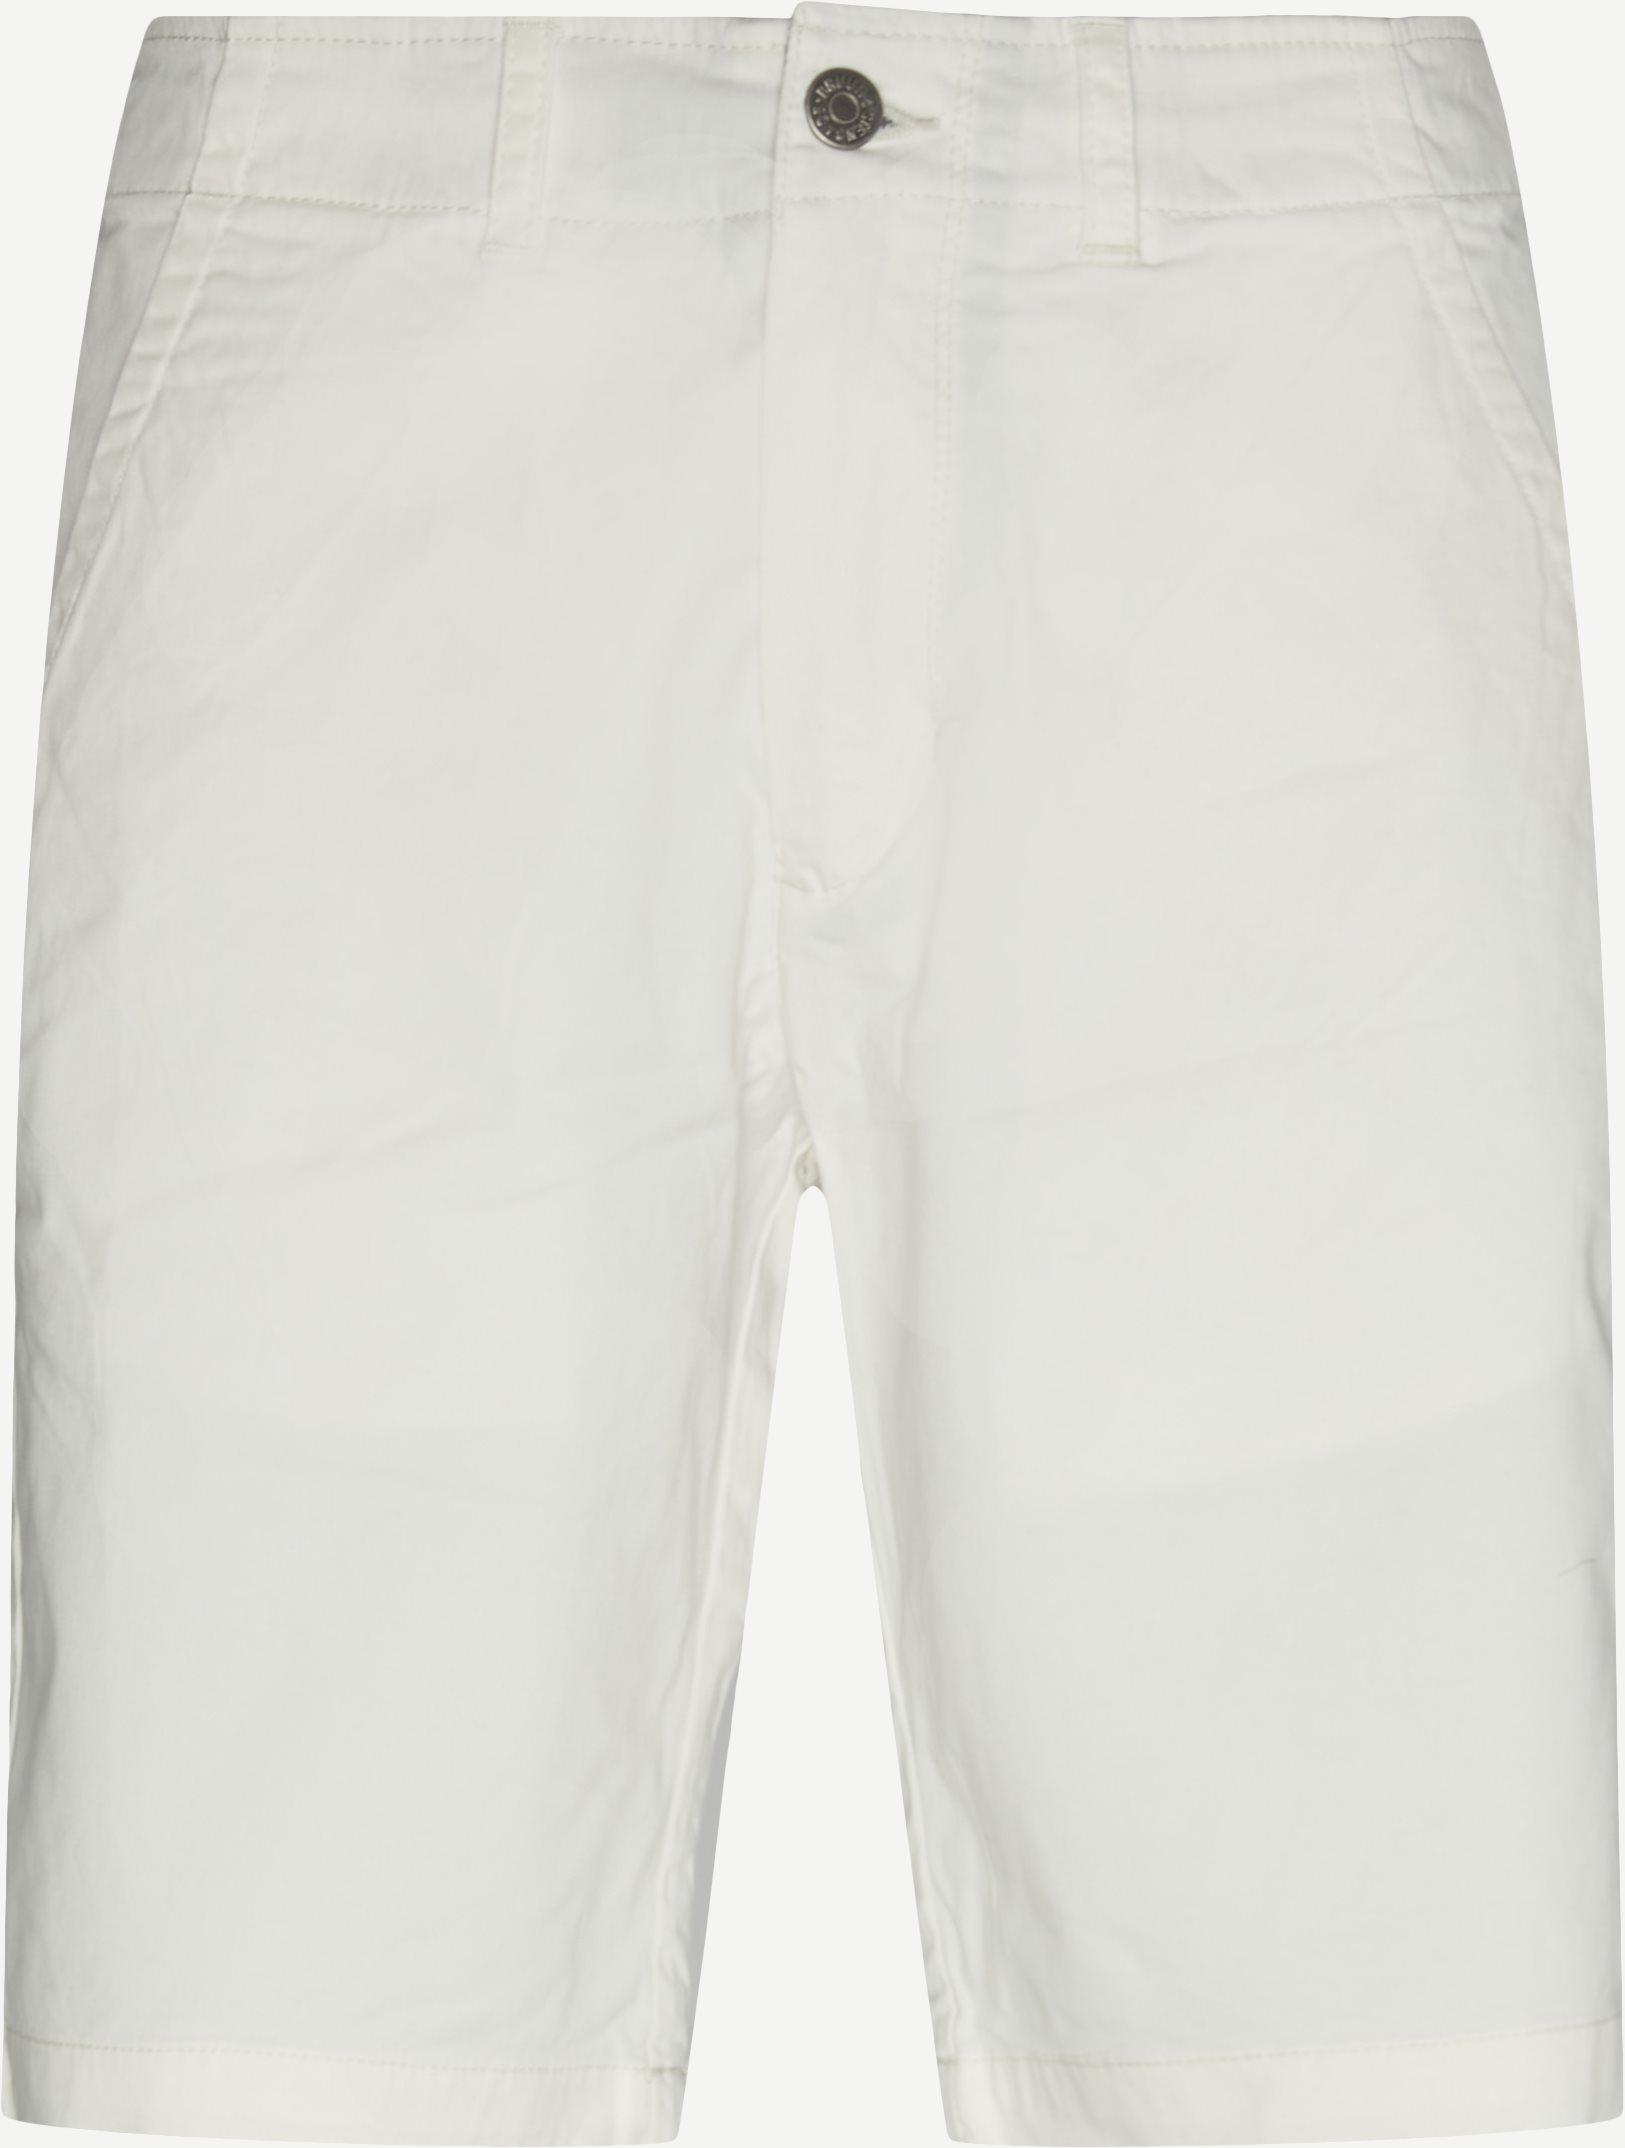 Shorts - Regular - Vit